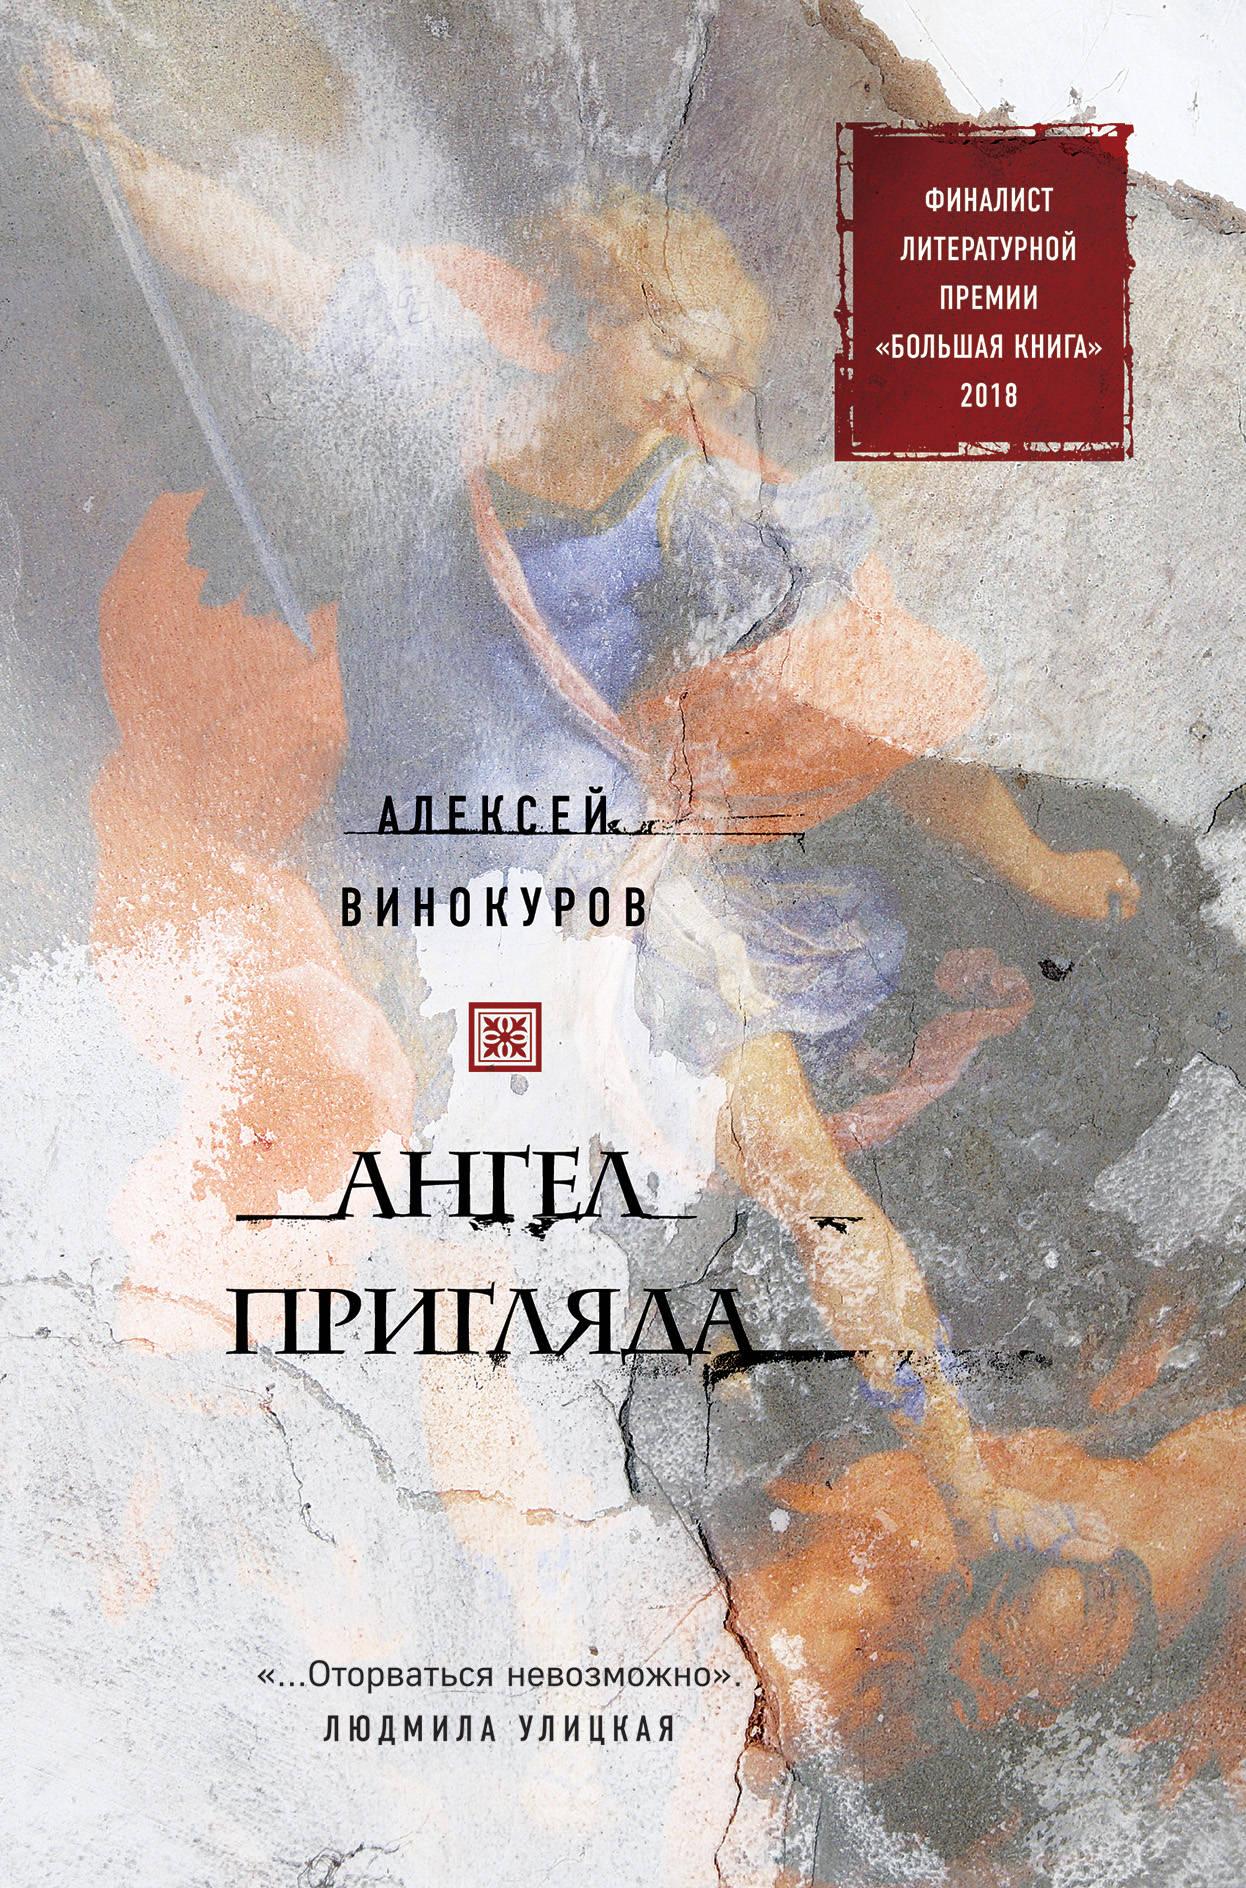 А. Ю. Винокуров Ангел пригляда